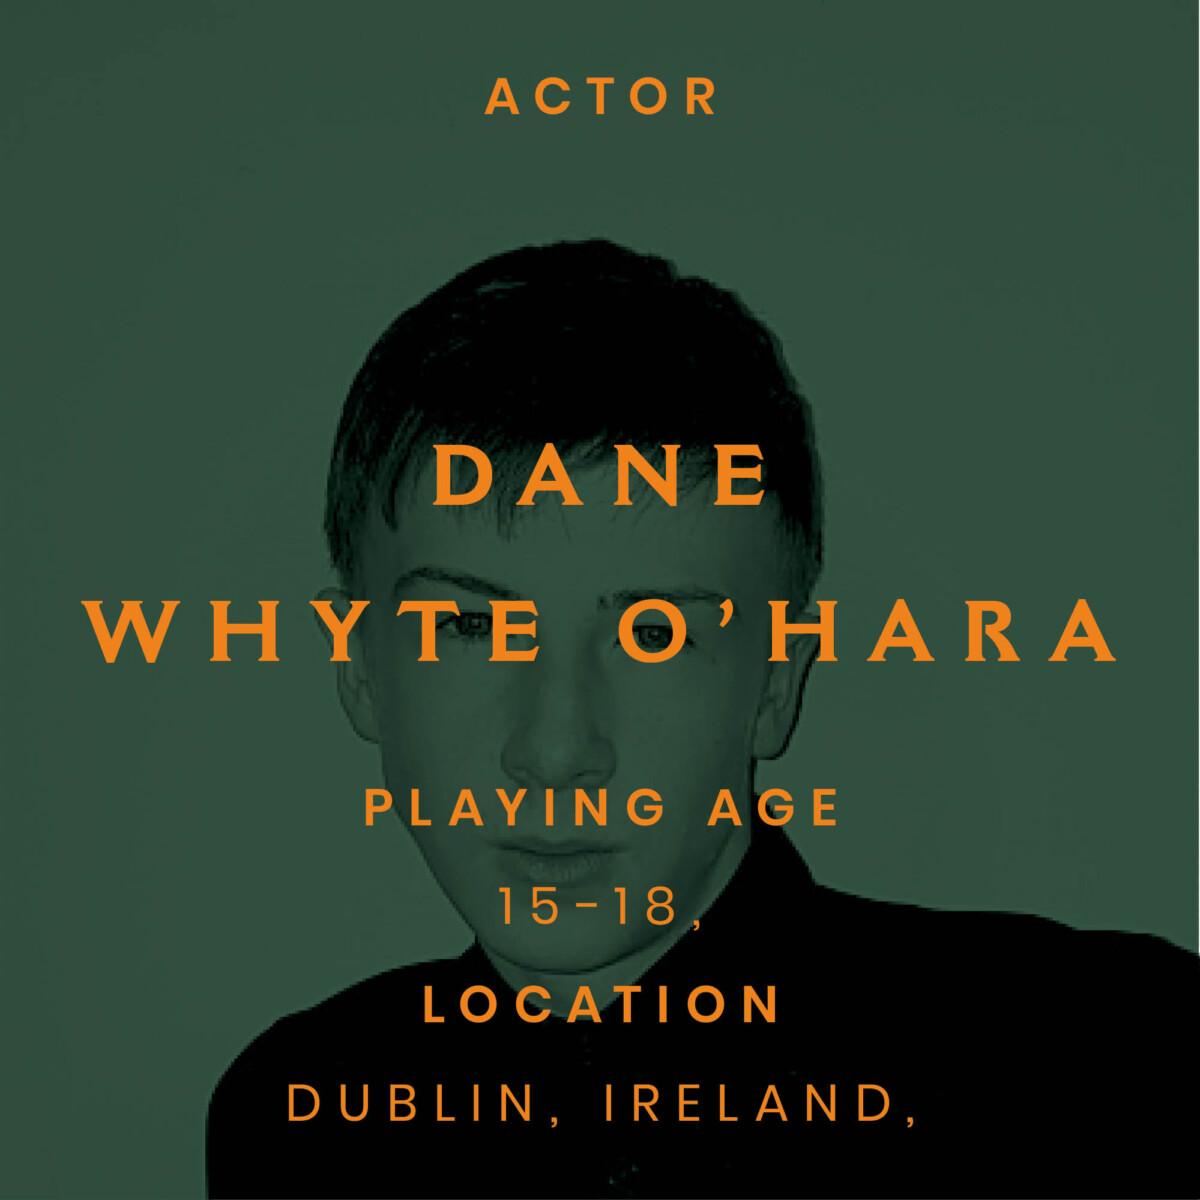 dane, Whyte o'hara, Dublin, 17